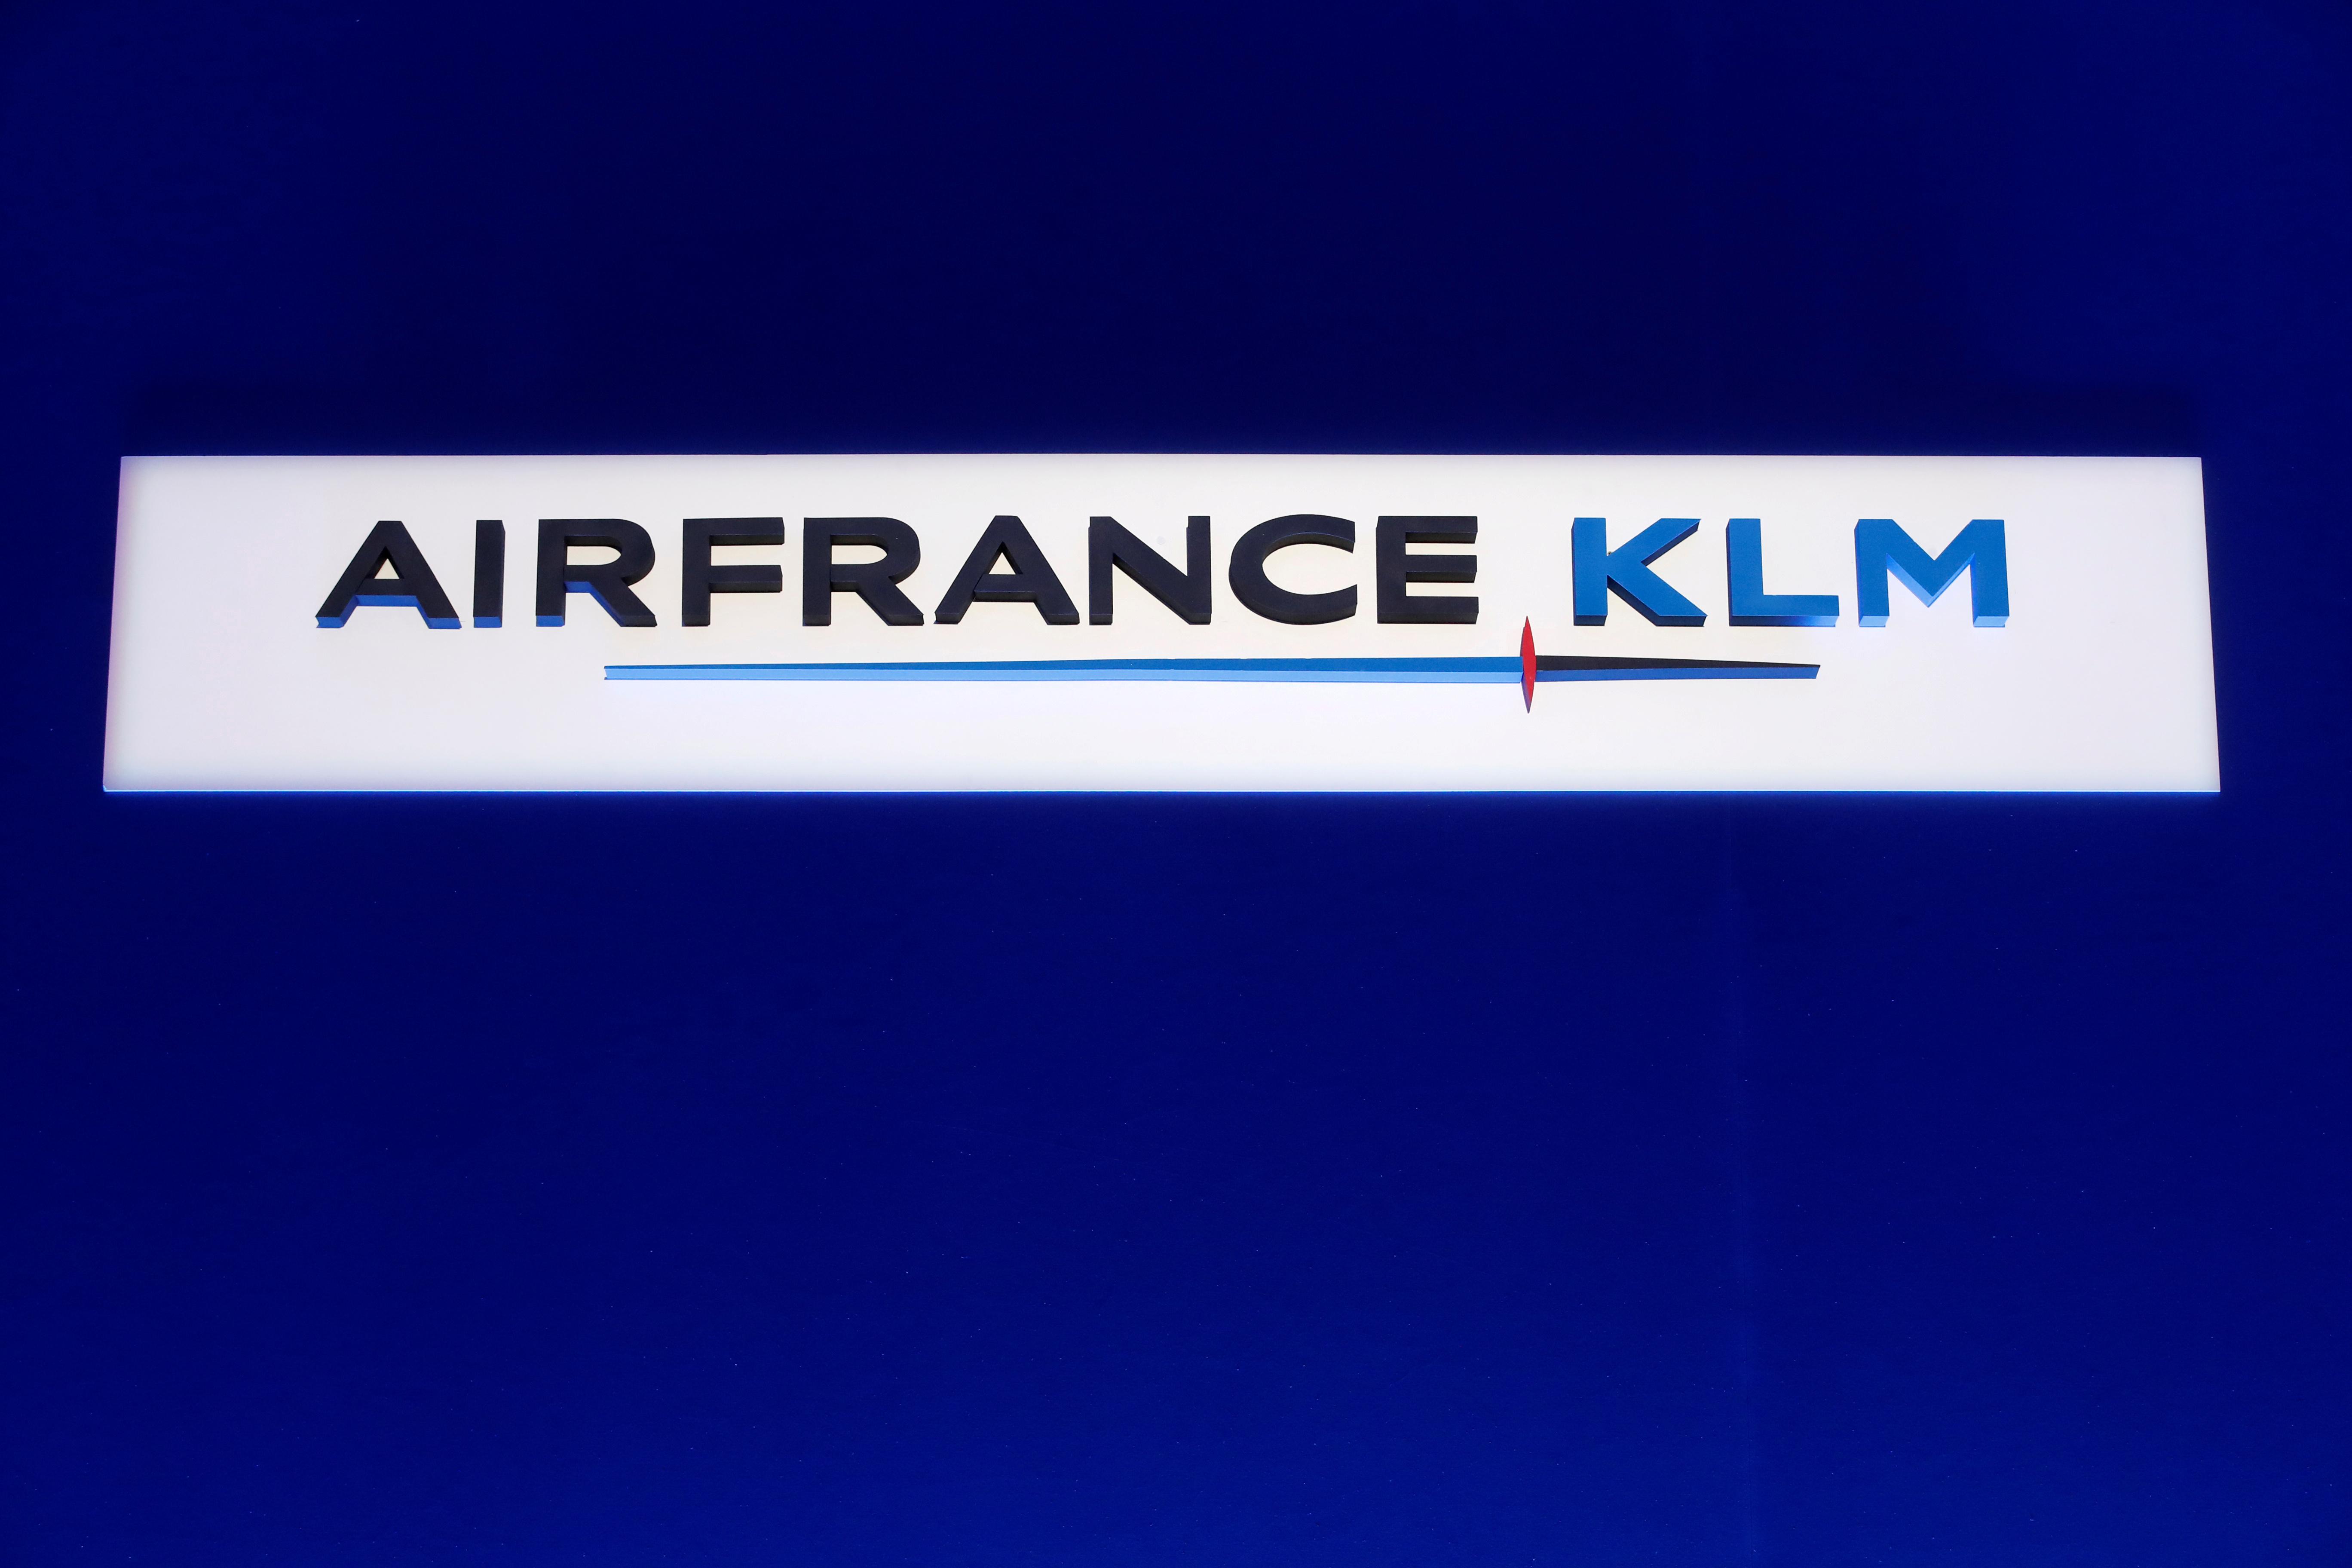 Air France-KLM et le mythe des alliances transfrontalières